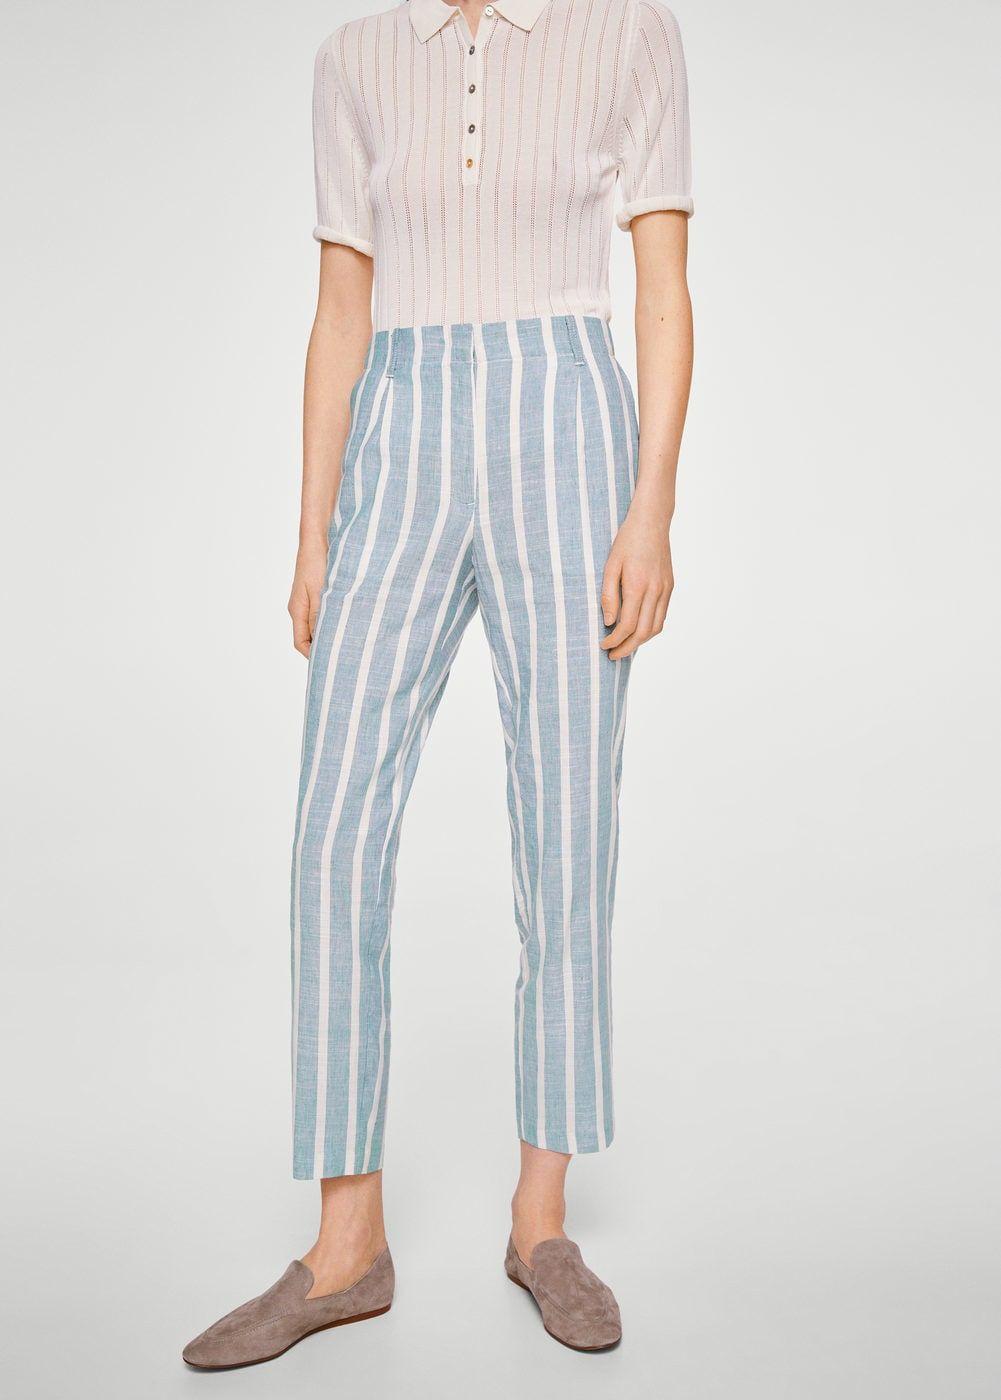 Pantalón lino rayas Mujer | Pantalones de mezclilla mujer